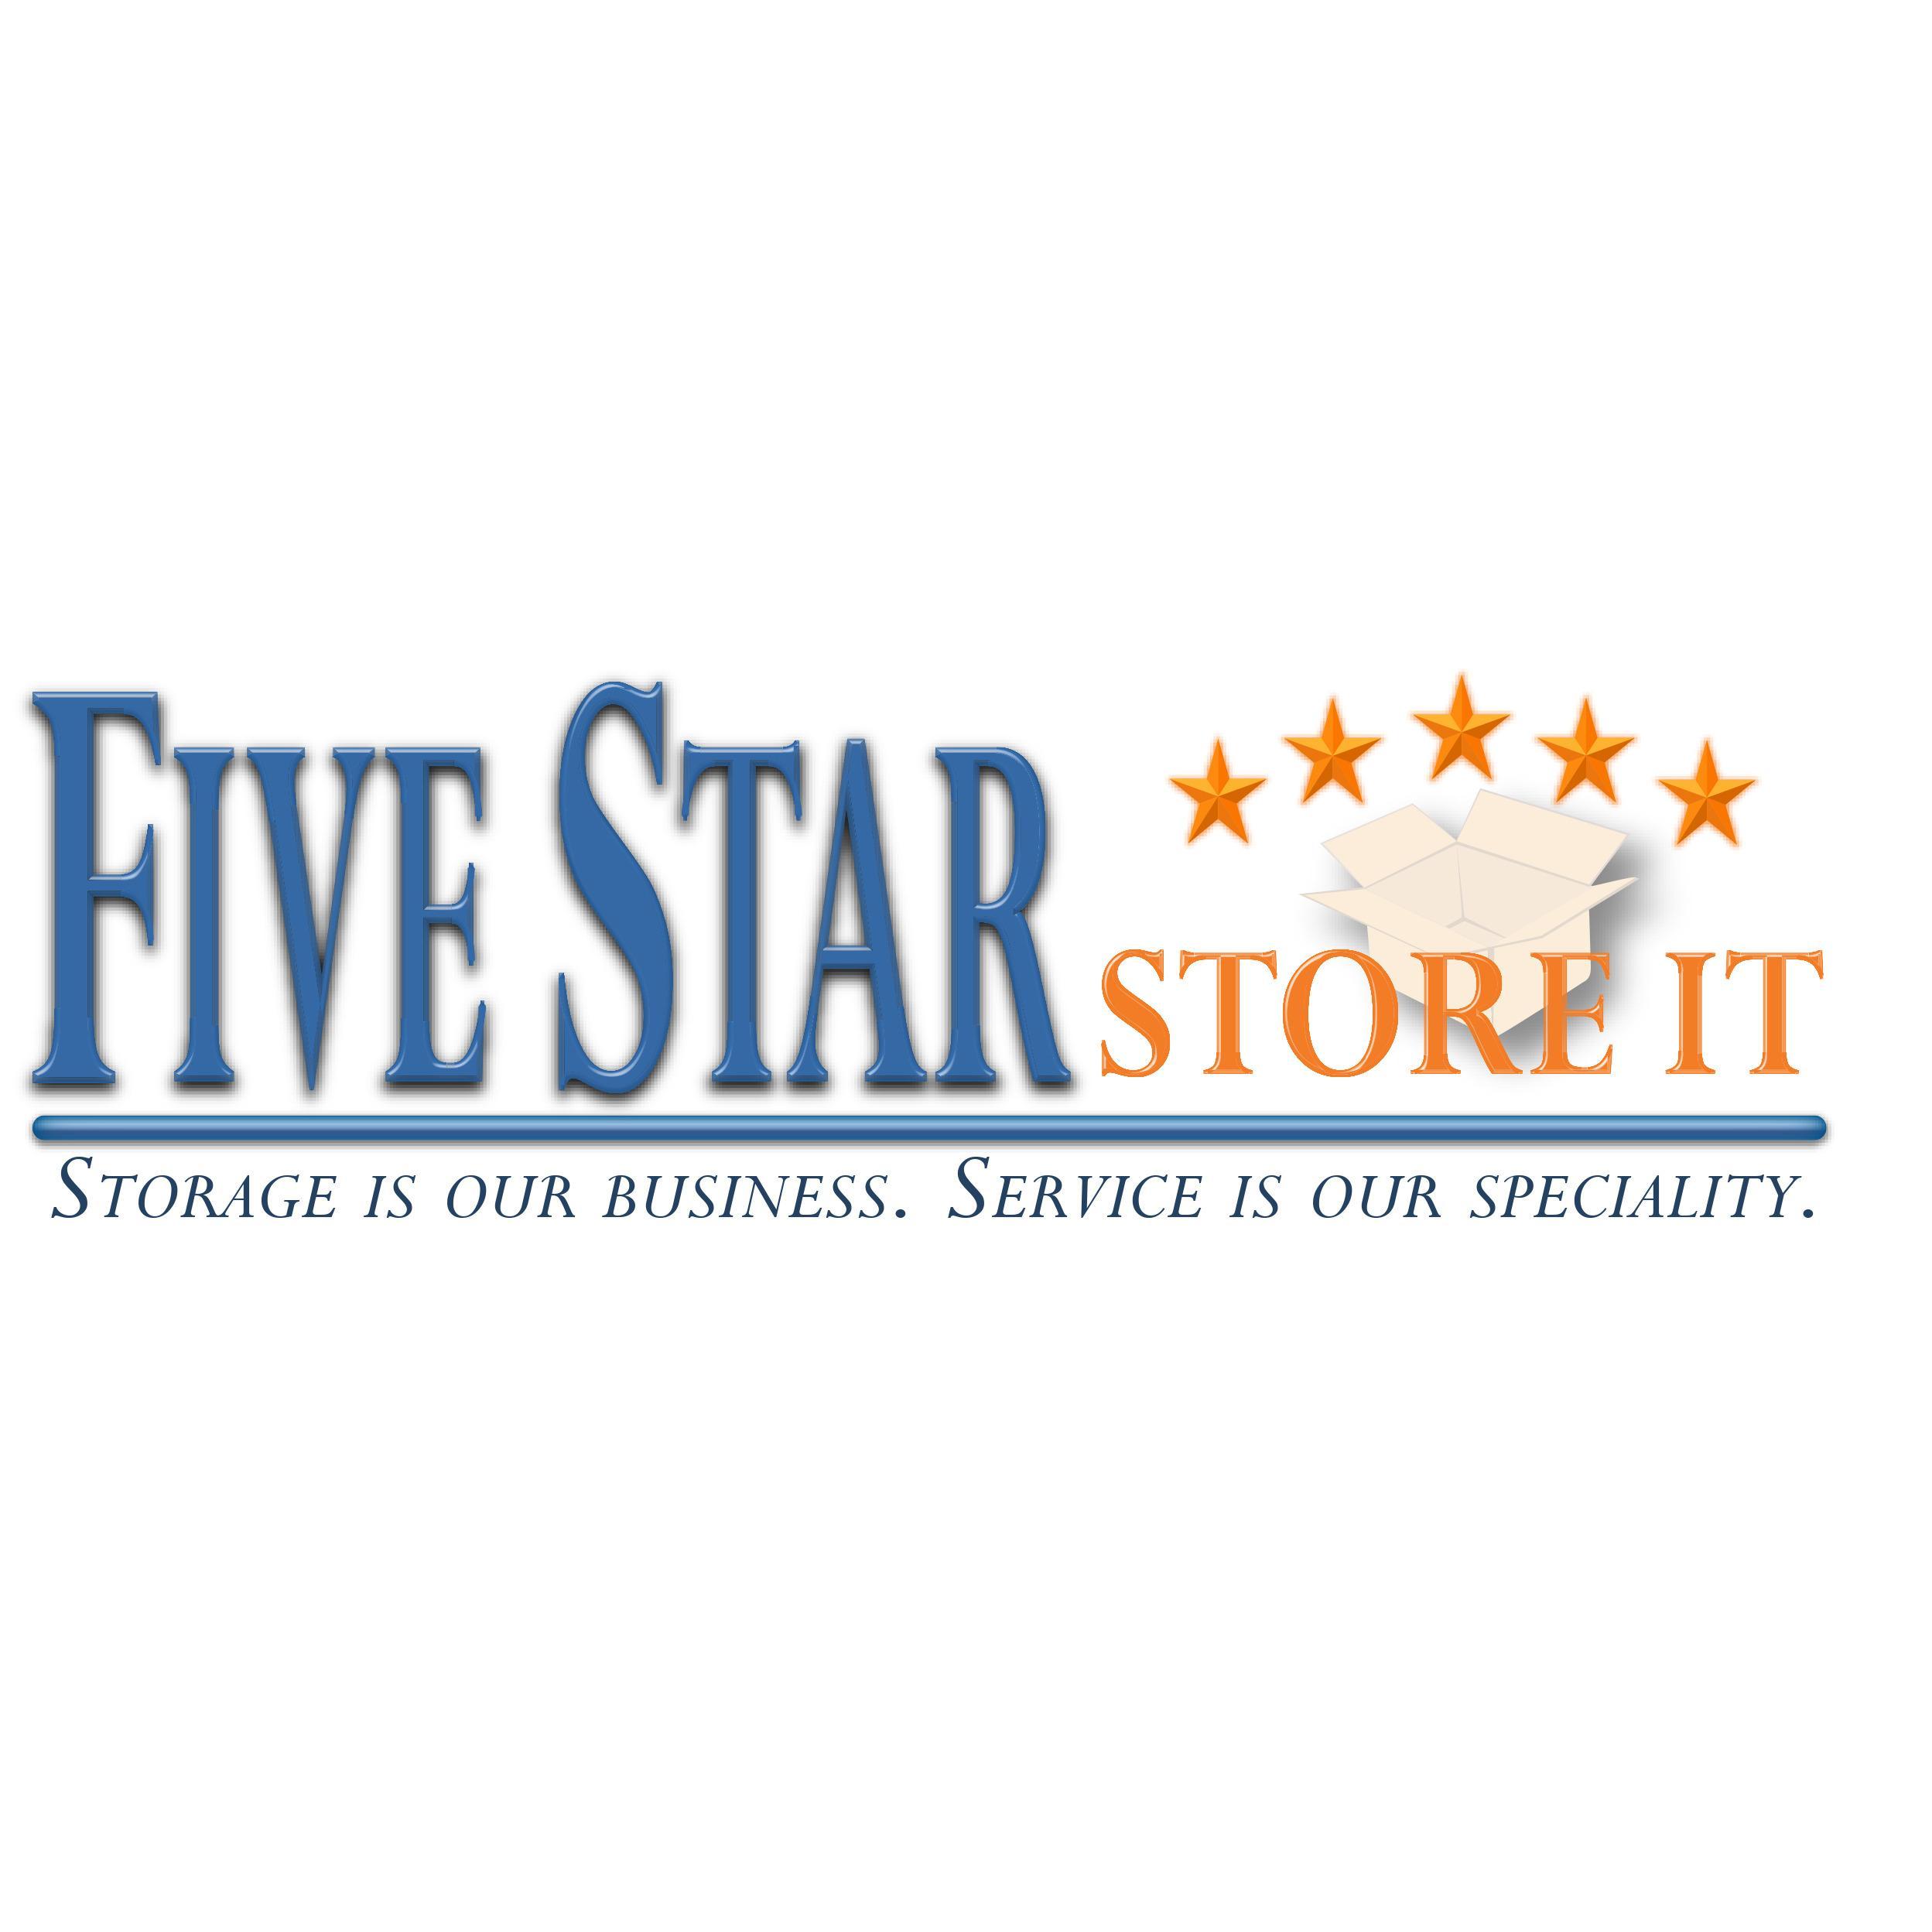 Five Star Store It - Mason